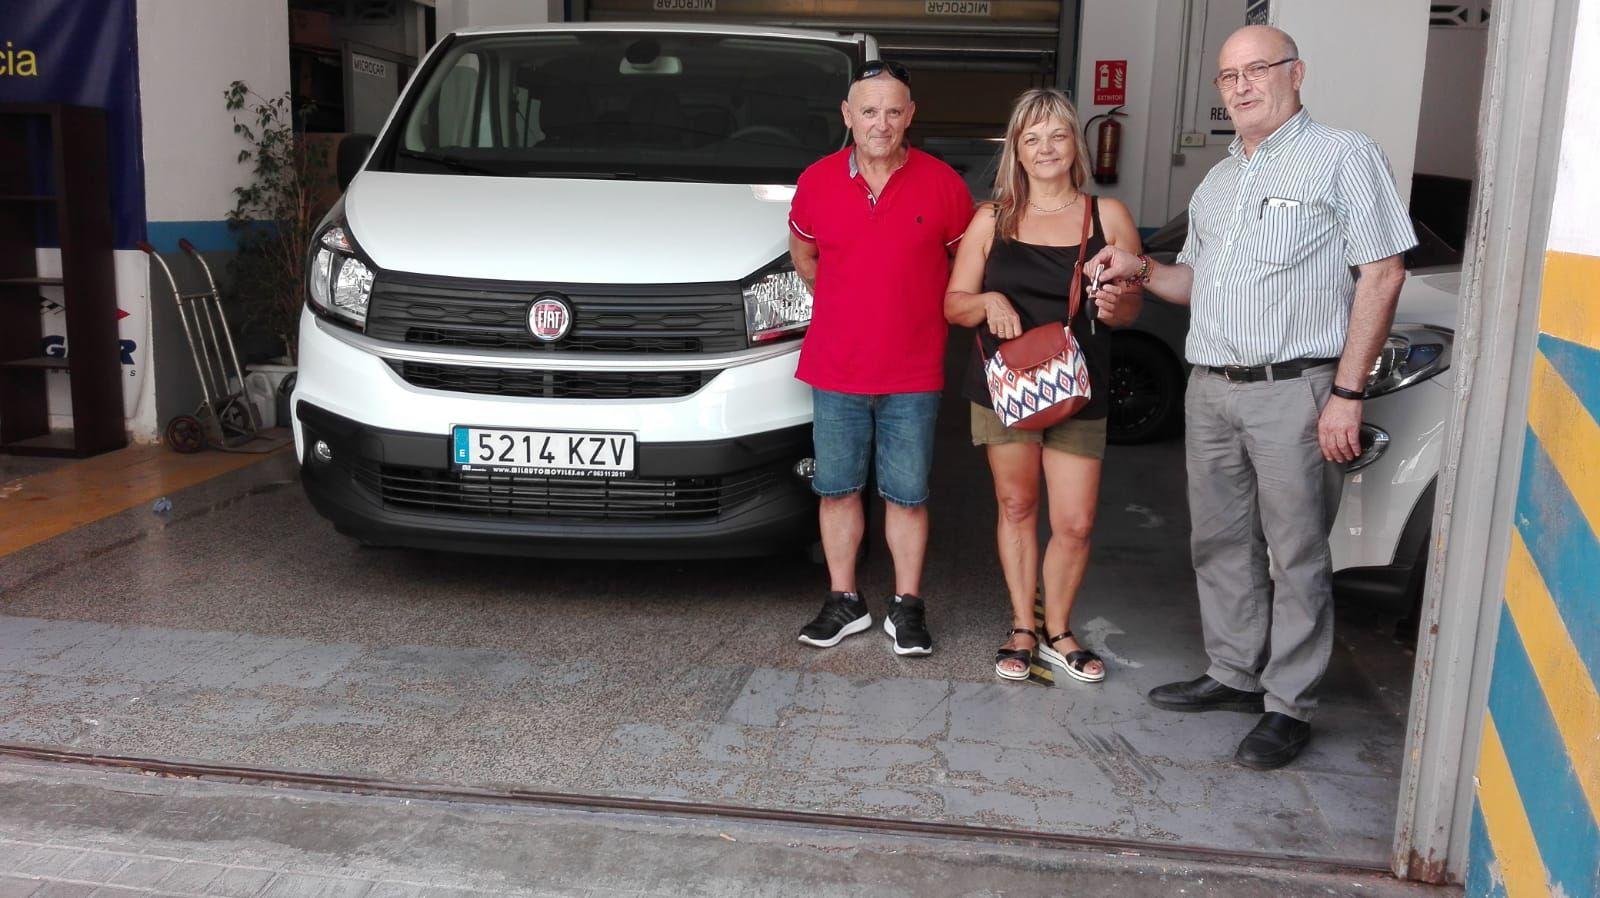 Milautomóviles entrega a Pilar y Roberto un Fiat Talento